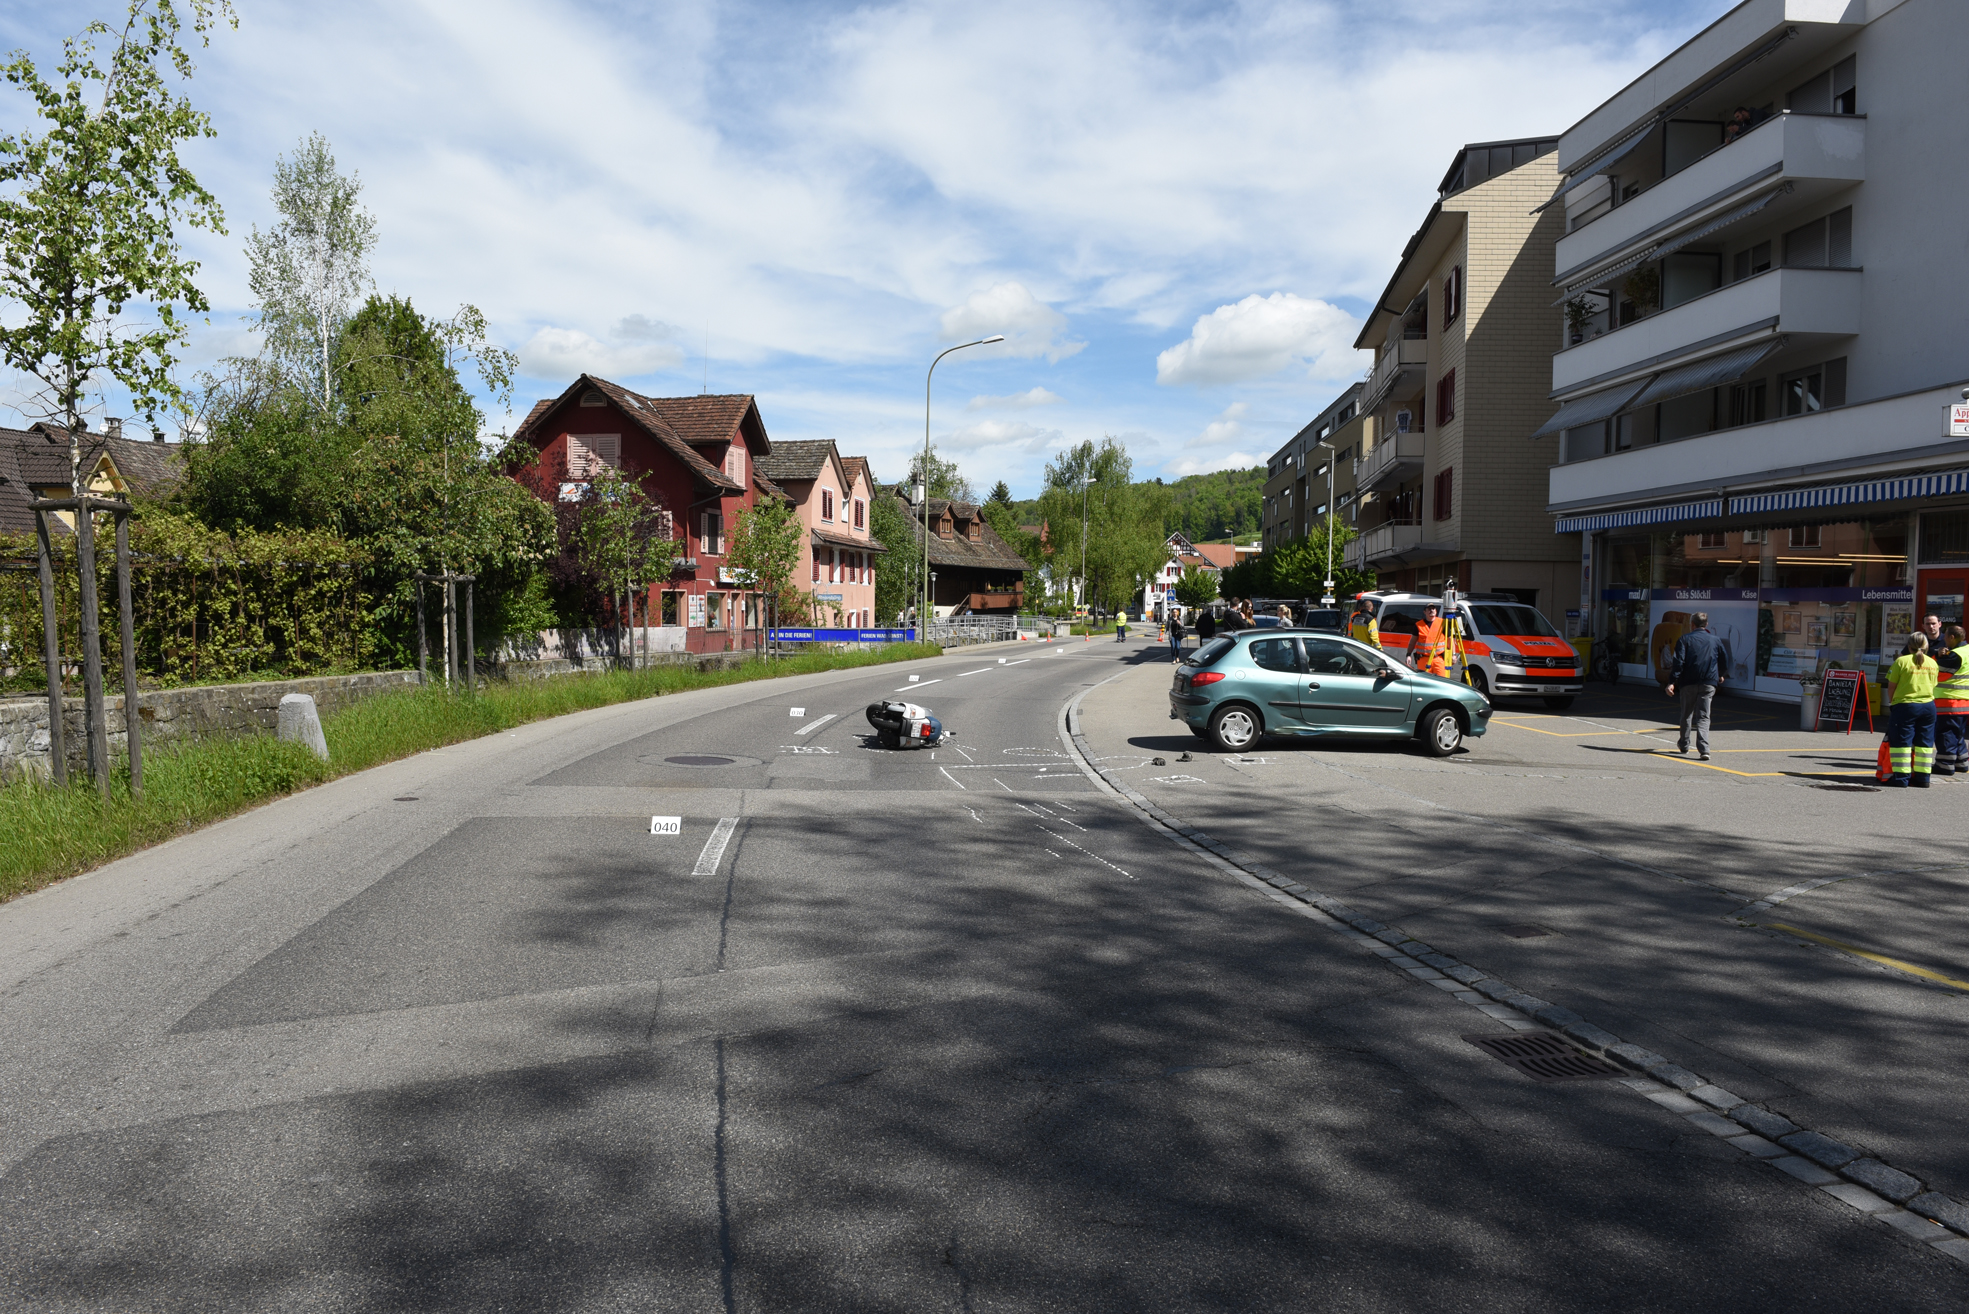 Affoltern am albis zh motorradfahrer schwer verletzt for Innendekoration affoltern am albis